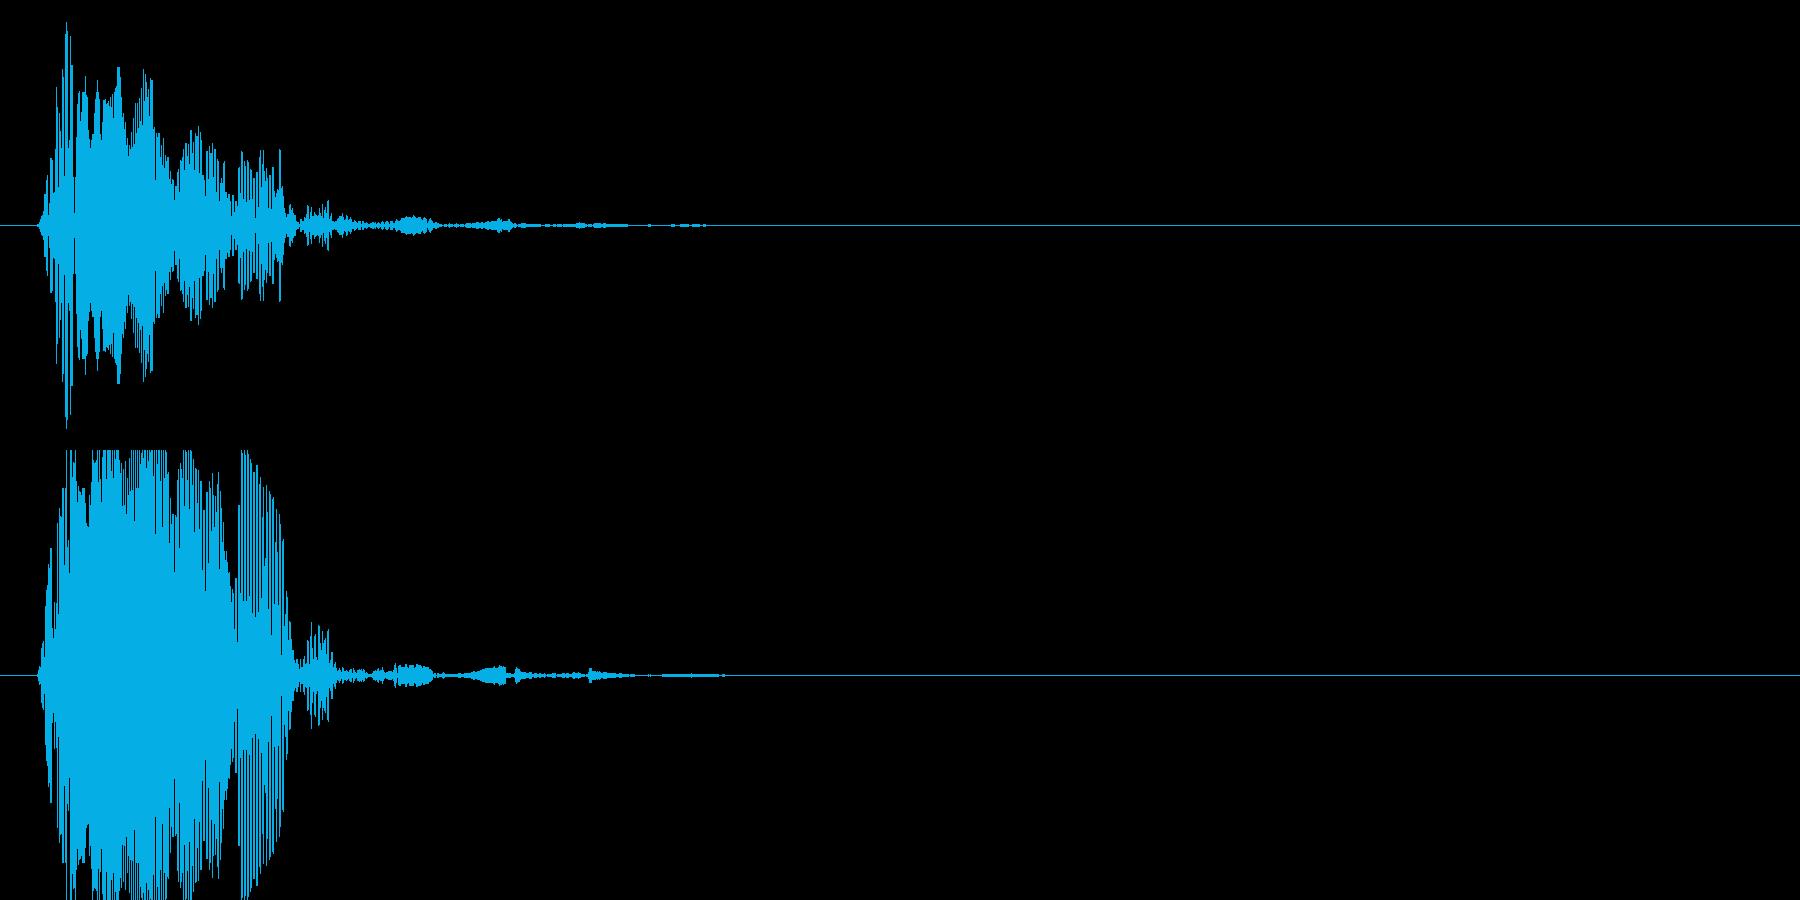 ぶォーン、トゥットゥッ(衝撃波)の再生済みの波形